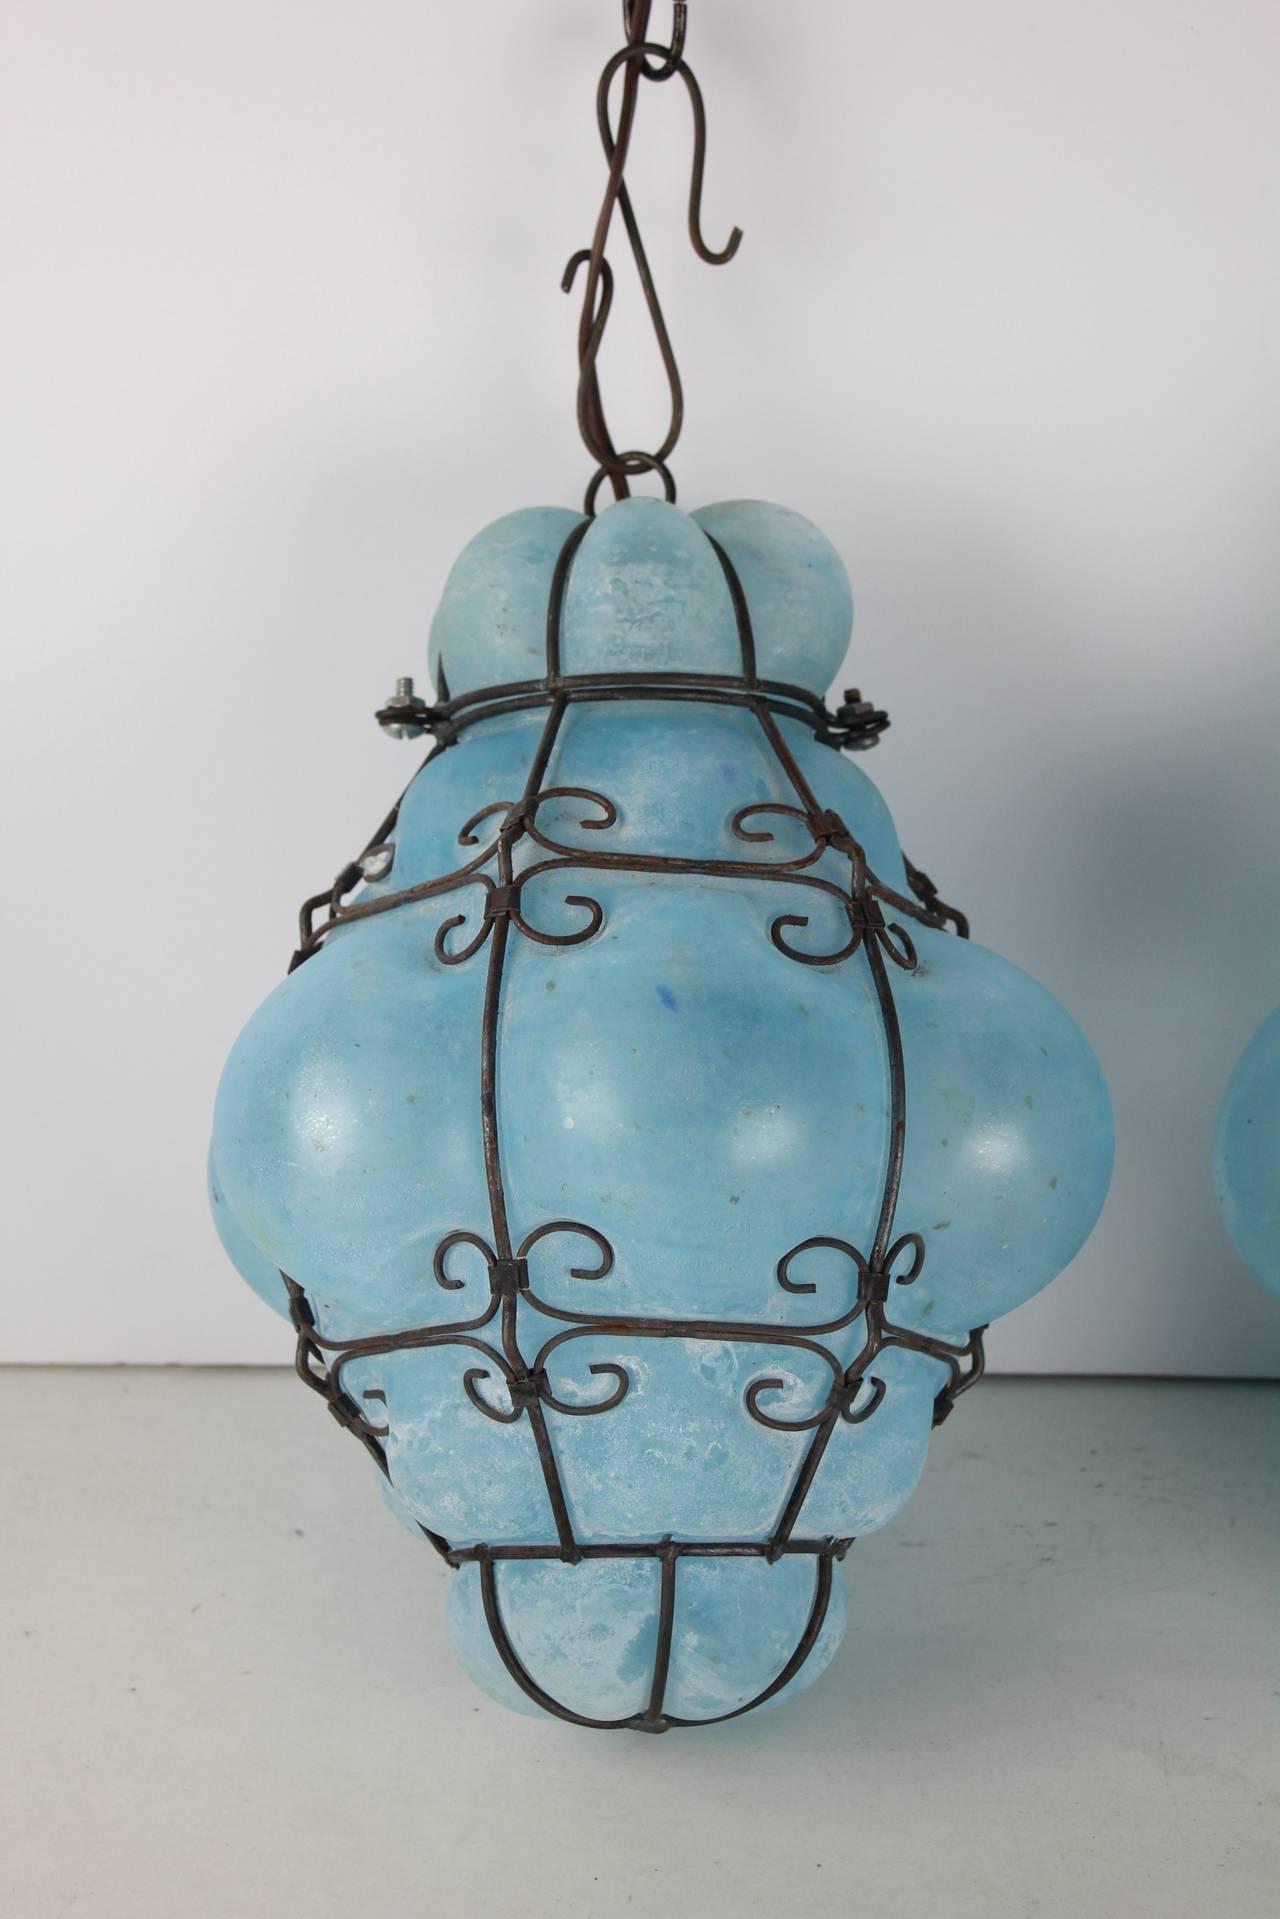 vintage seguso murano blue glass cage pendant lights at 1stdibs. Black Bedroom Furniture Sets. Home Design Ideas